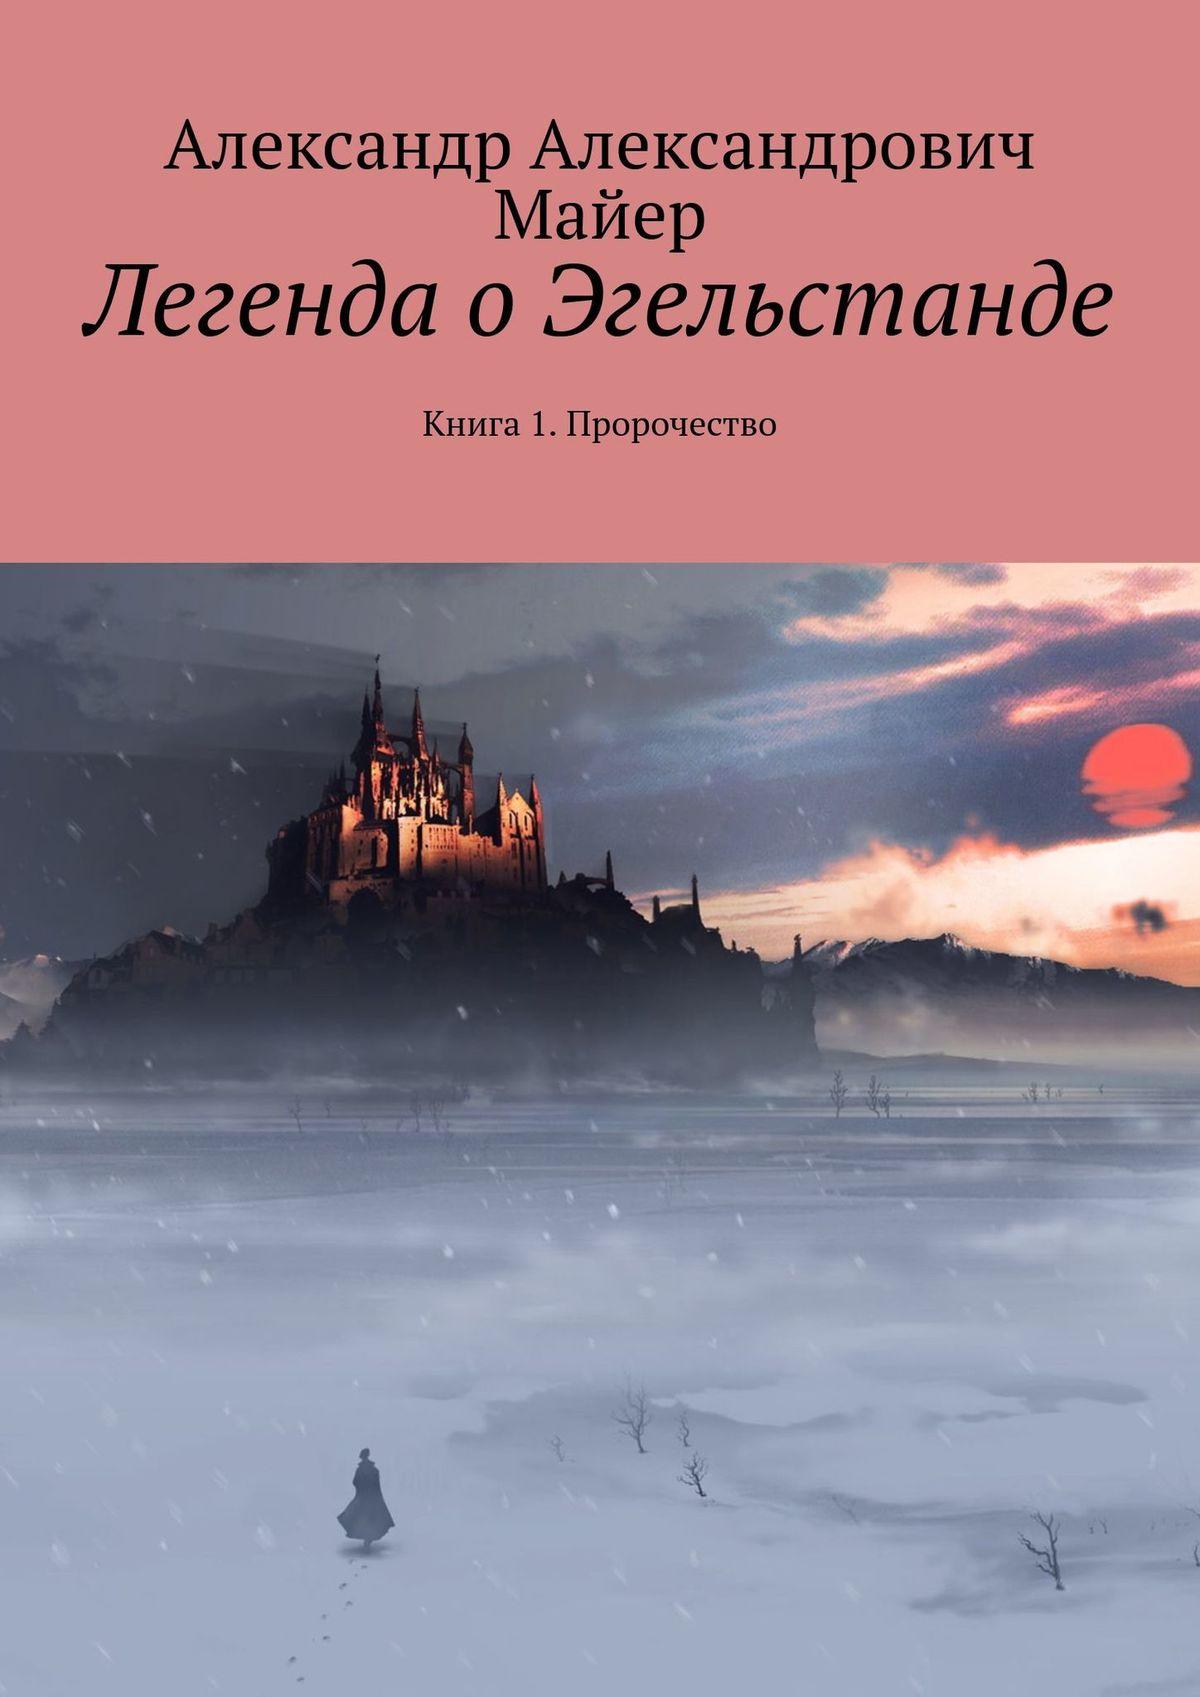 Легенда оЭгельстанде. Книга 1. Пророчество